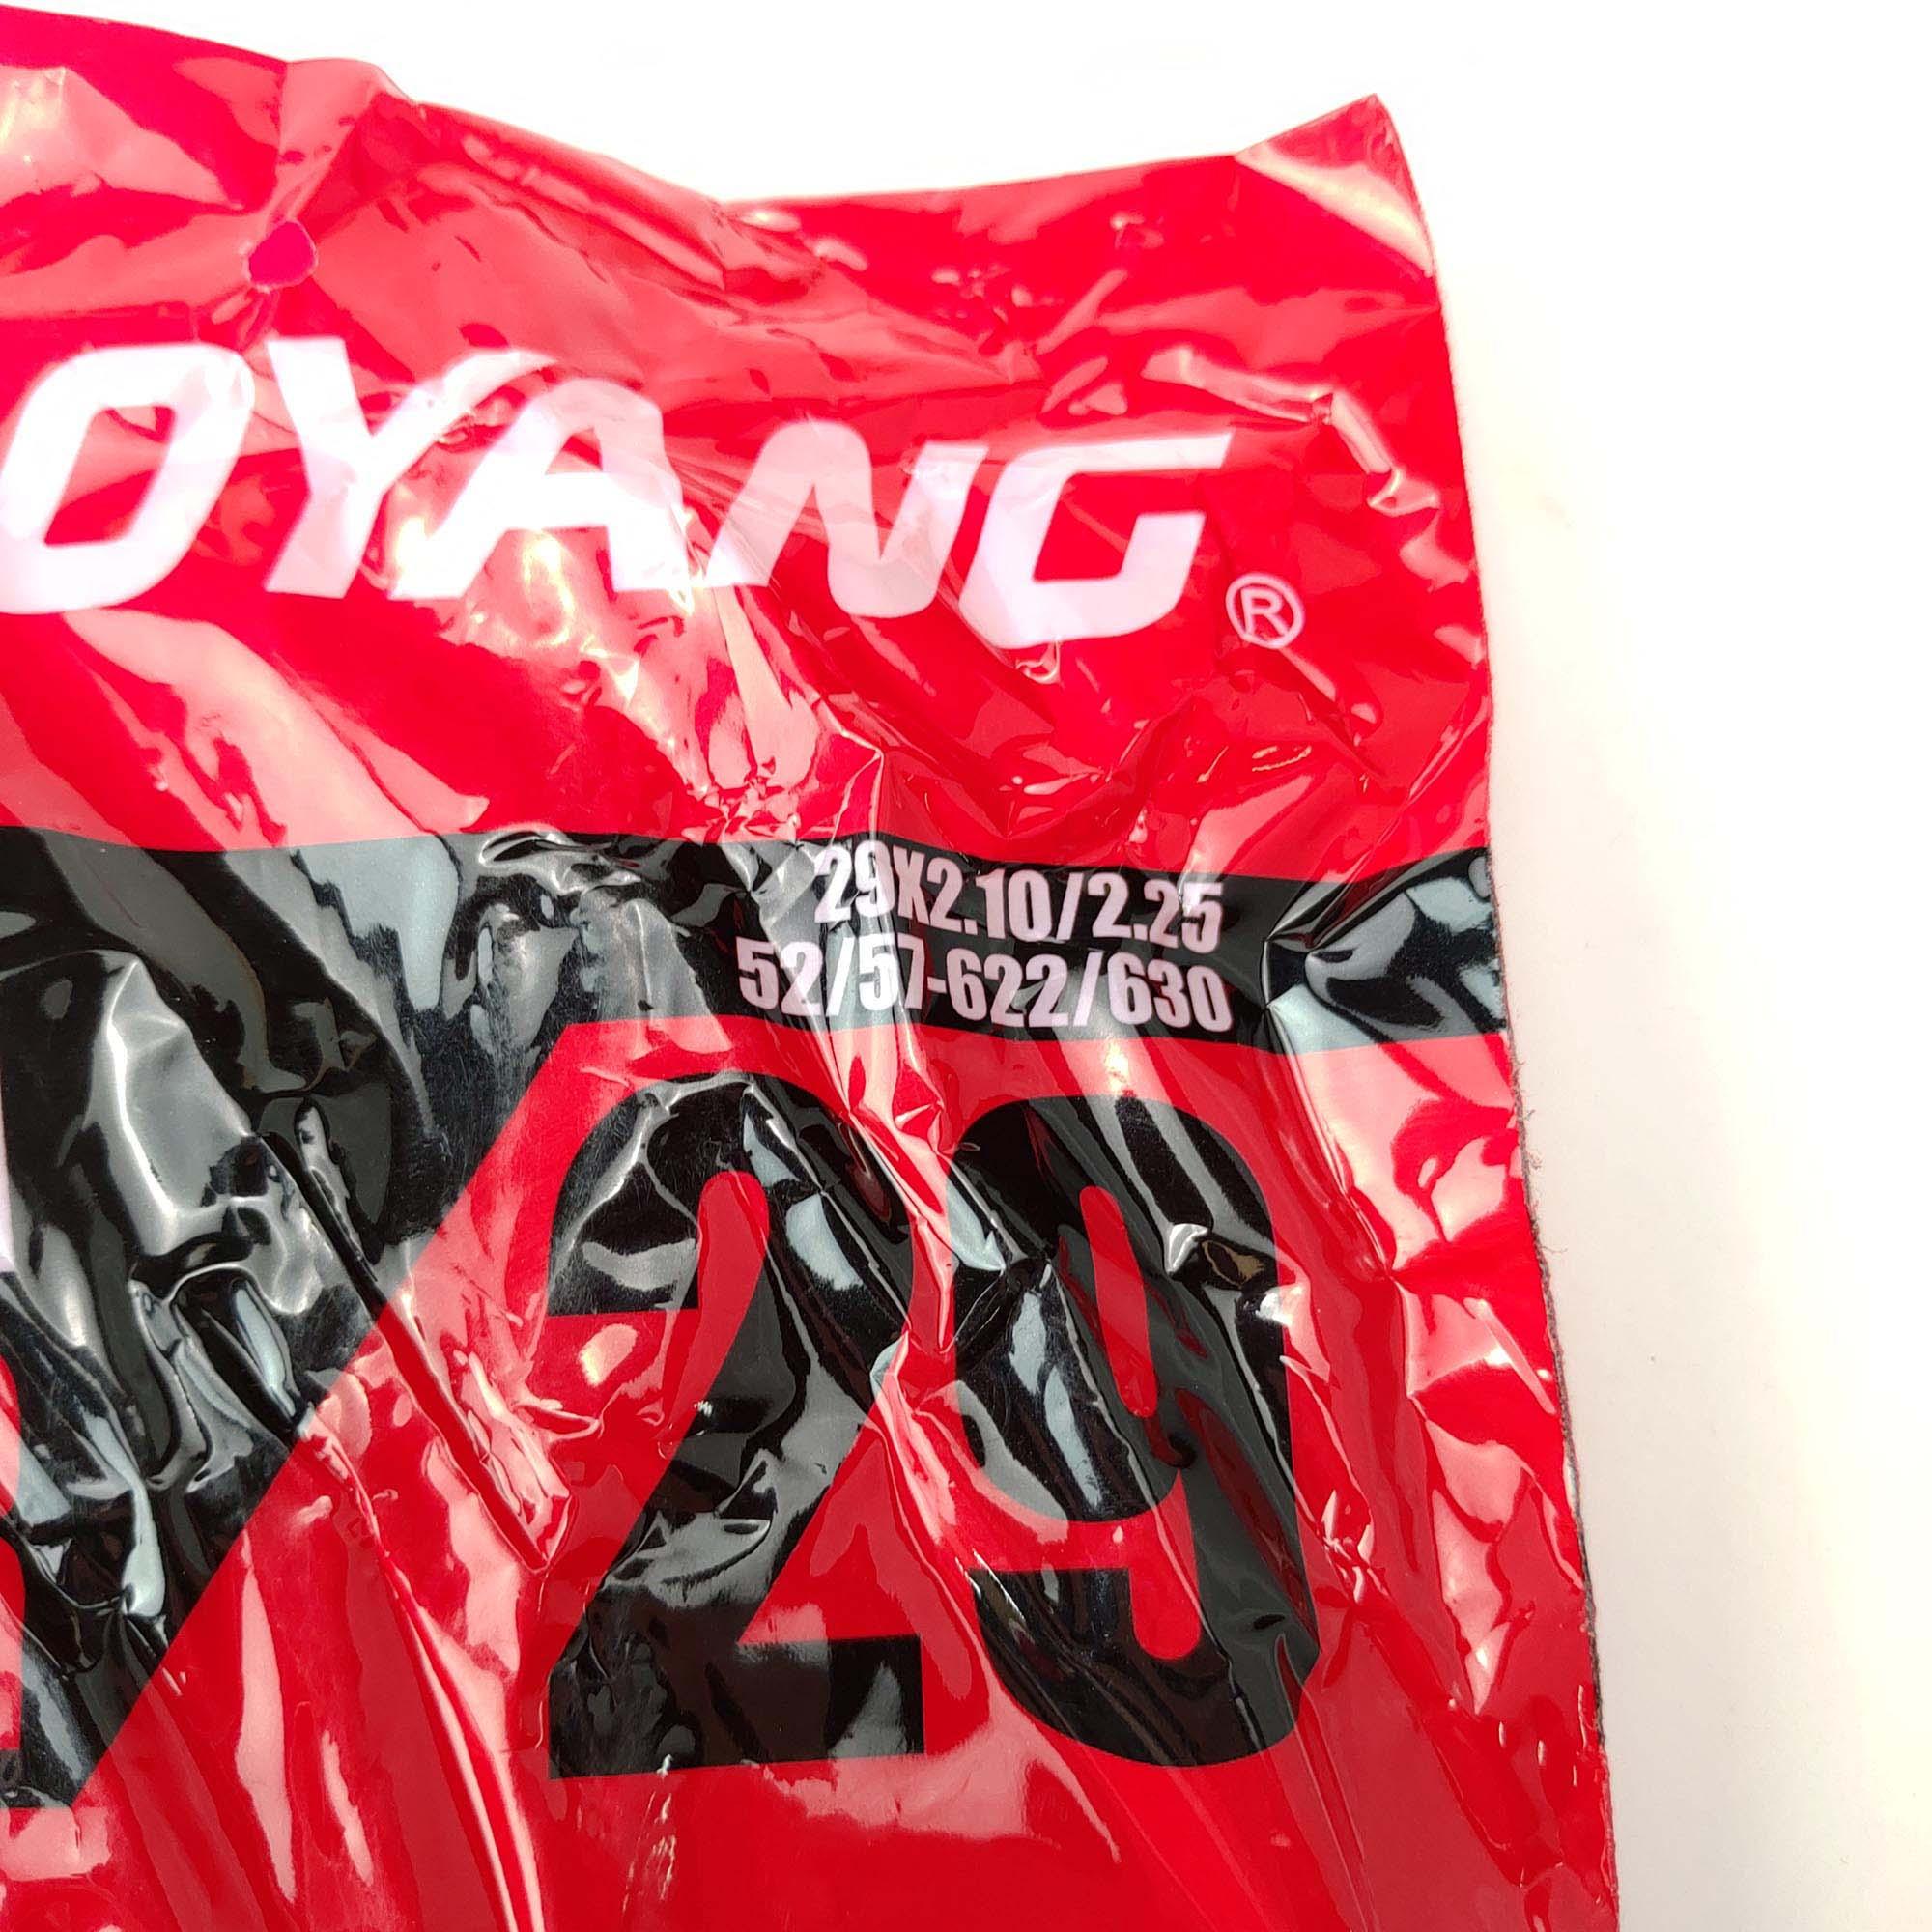 Camara de Ar Aro 29 Chaoyang 1.9_2.25 Valvula Americana 700x47x52